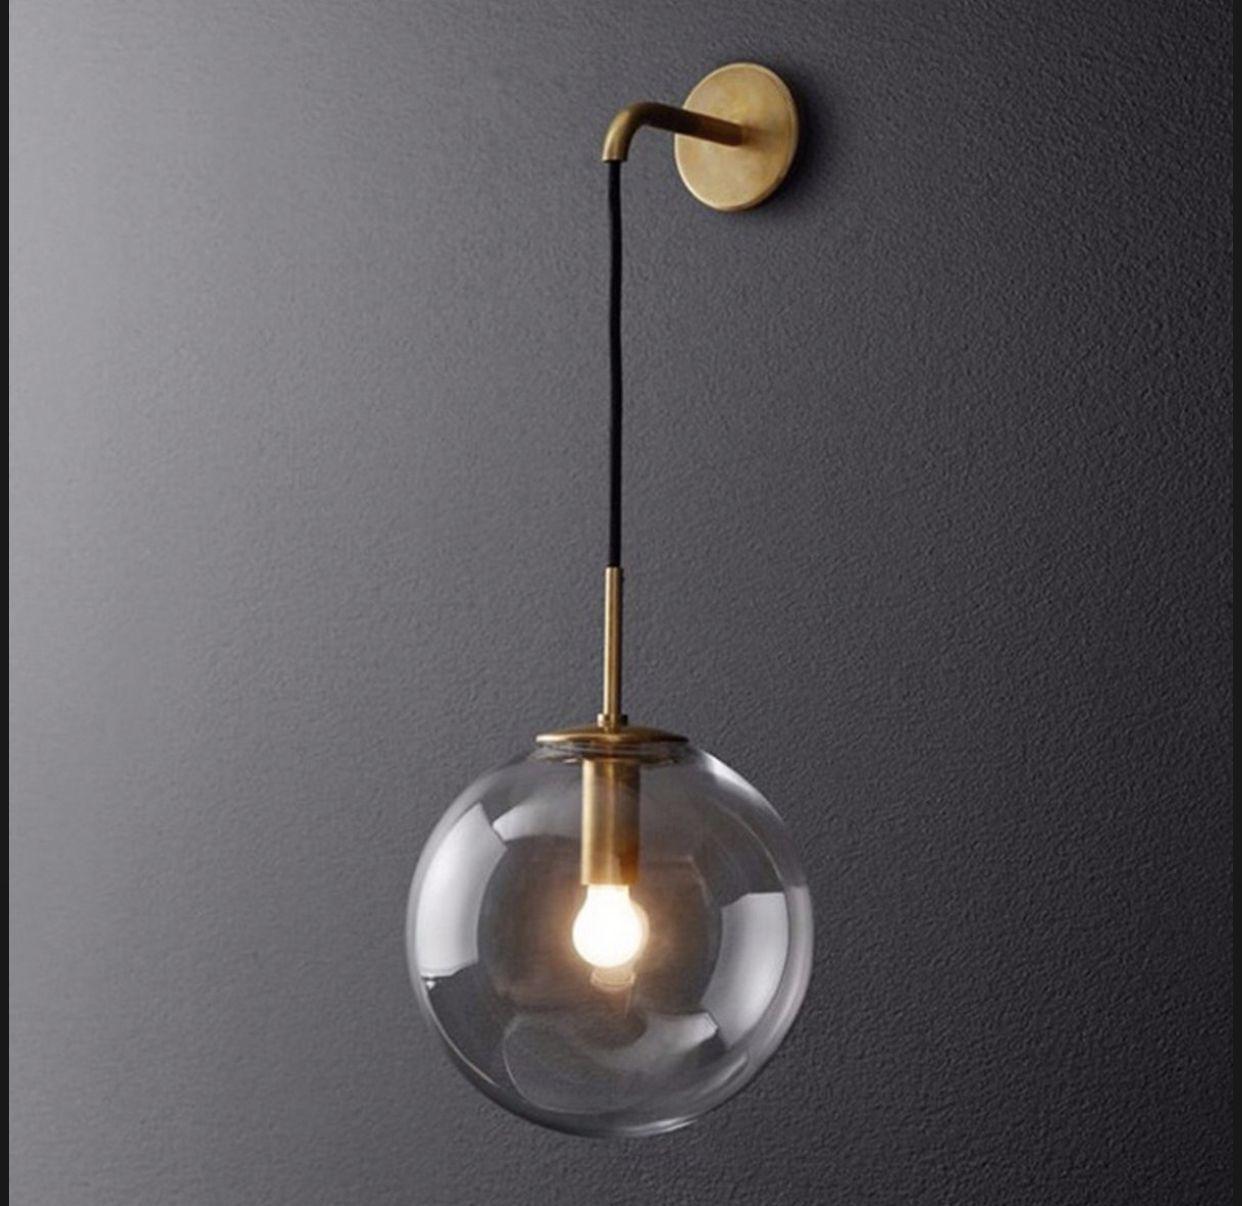 Pin De Roberto Bernal En Lighting Lamparas De Pared Modernas Iluminación De Pared Lámparas De Pared